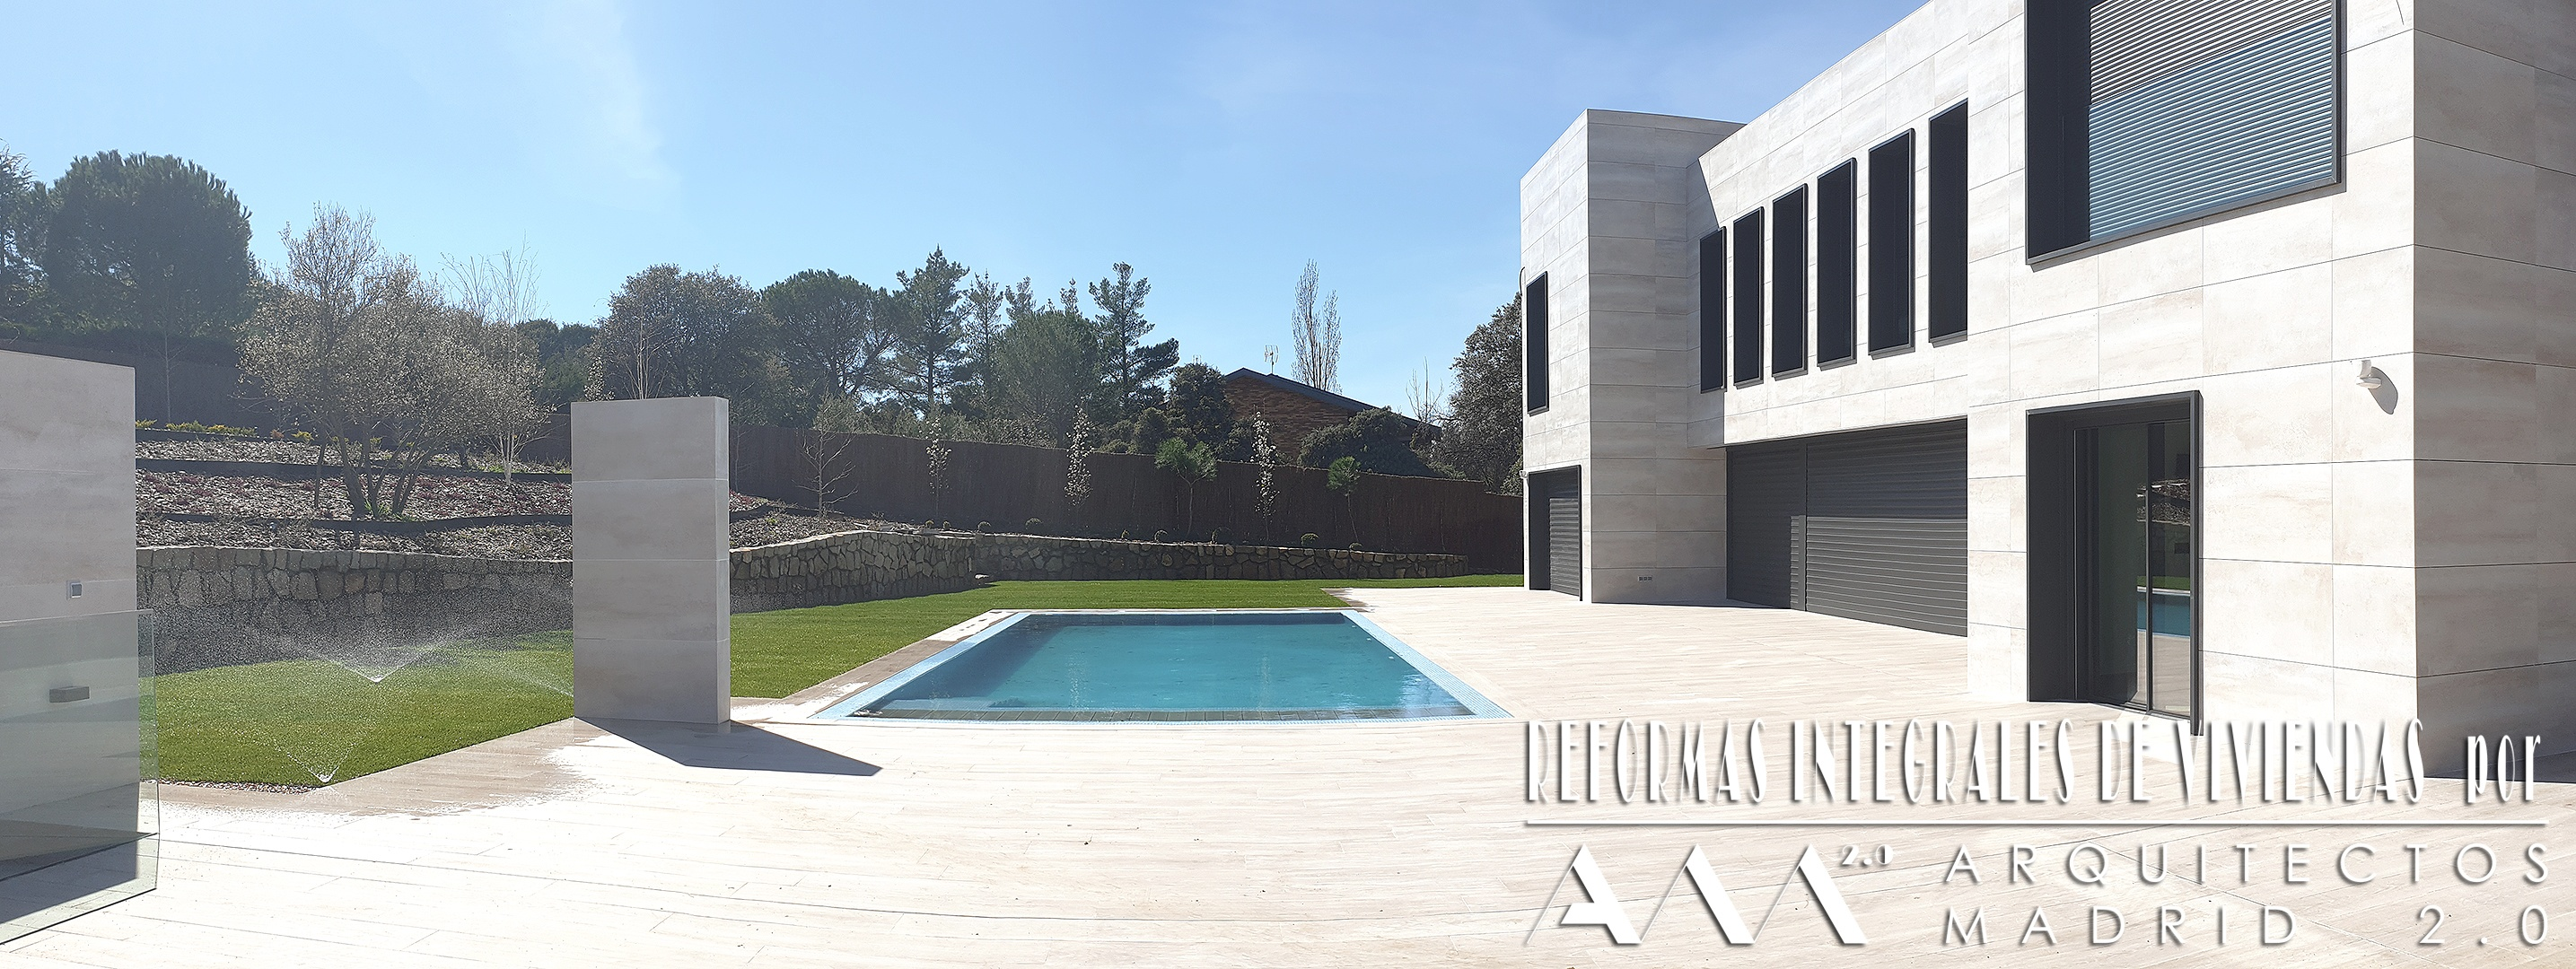 arquitectos-madrid-construccion-reformas-completas-viviendas-chalets-casas-diseno